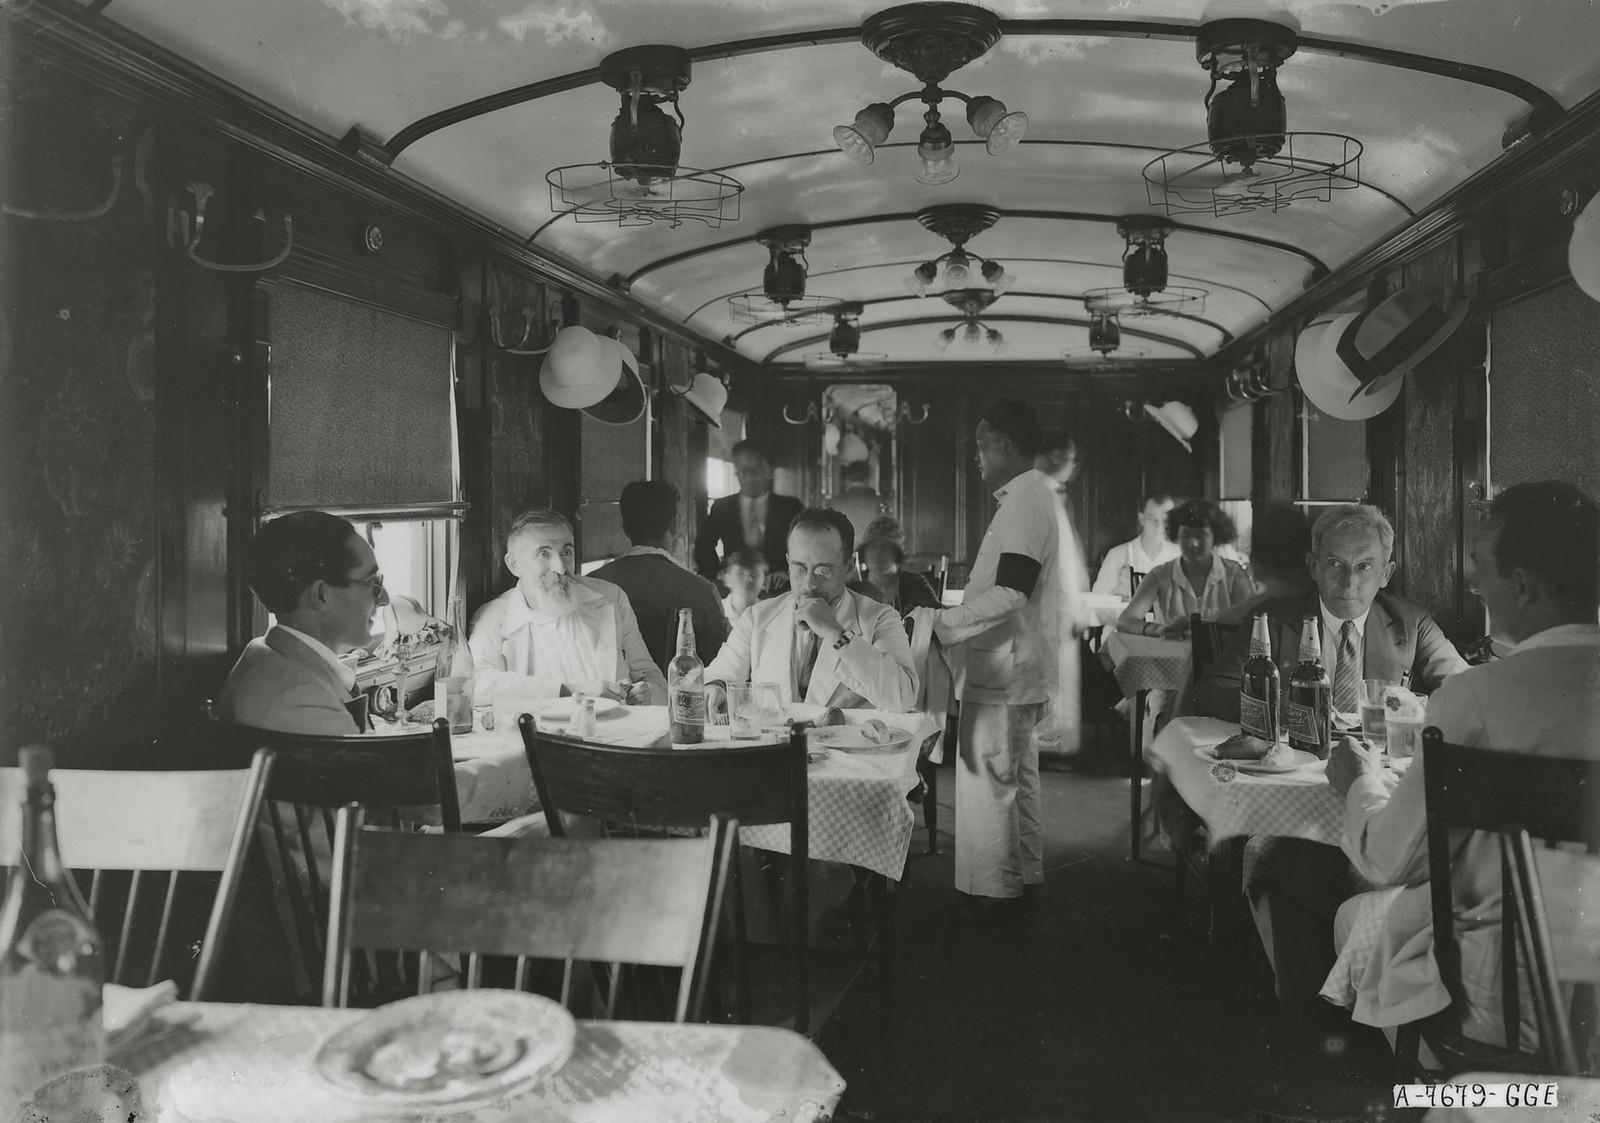 Chùm ảnh: Trải nghiệm tàu hỏa ở Việt Nam thập niên 1920